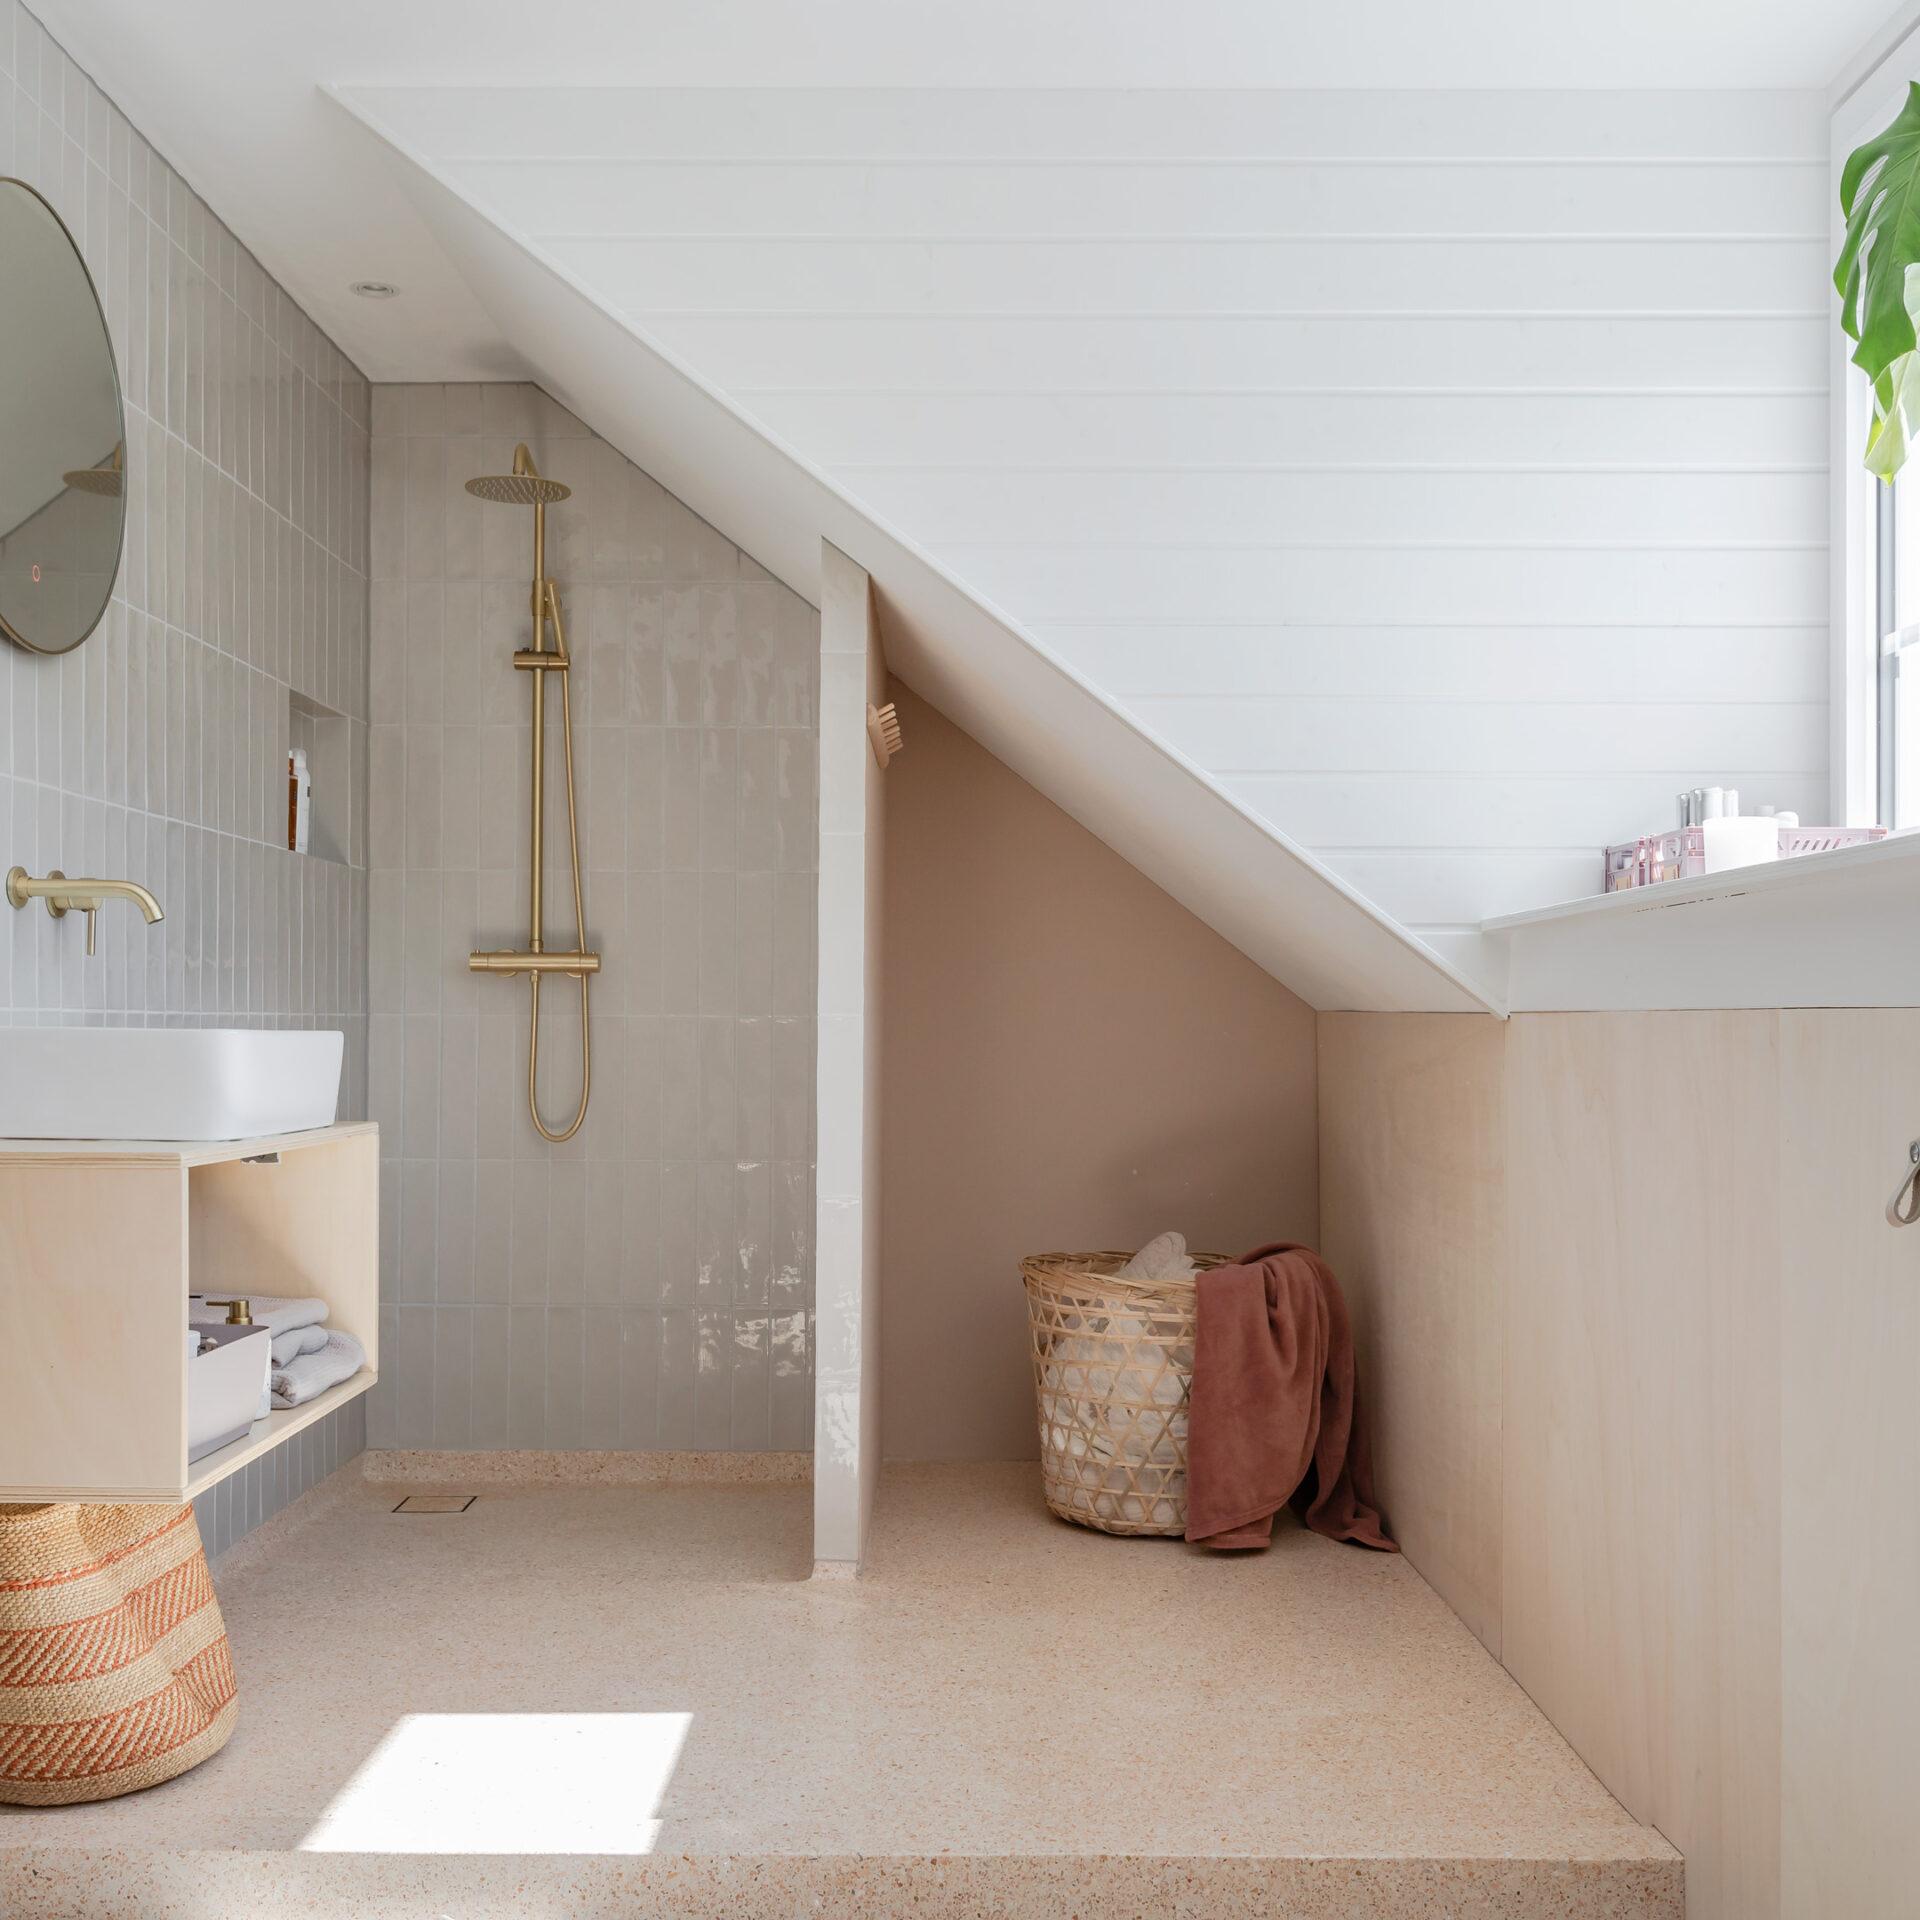 Select Windows Kunststof kozijnen - Onderhoudsarme dakkapel in Haarlemmermeer - badkamer